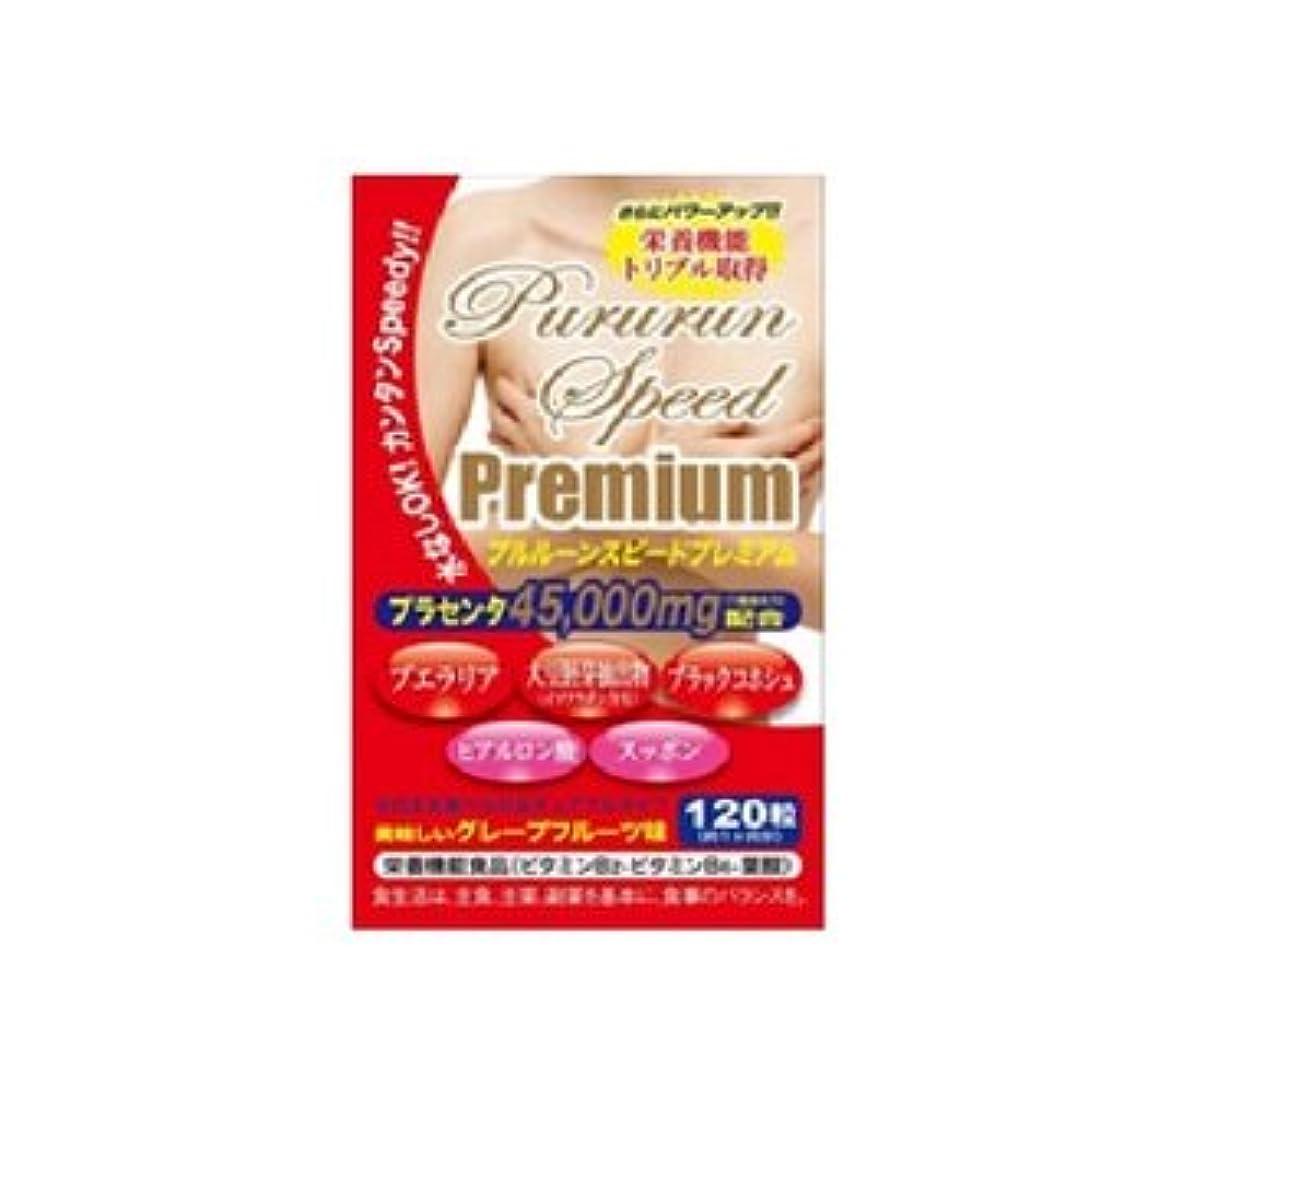 うぬぼれ製造業具体的にプルルーンスピードプレミアム120粒